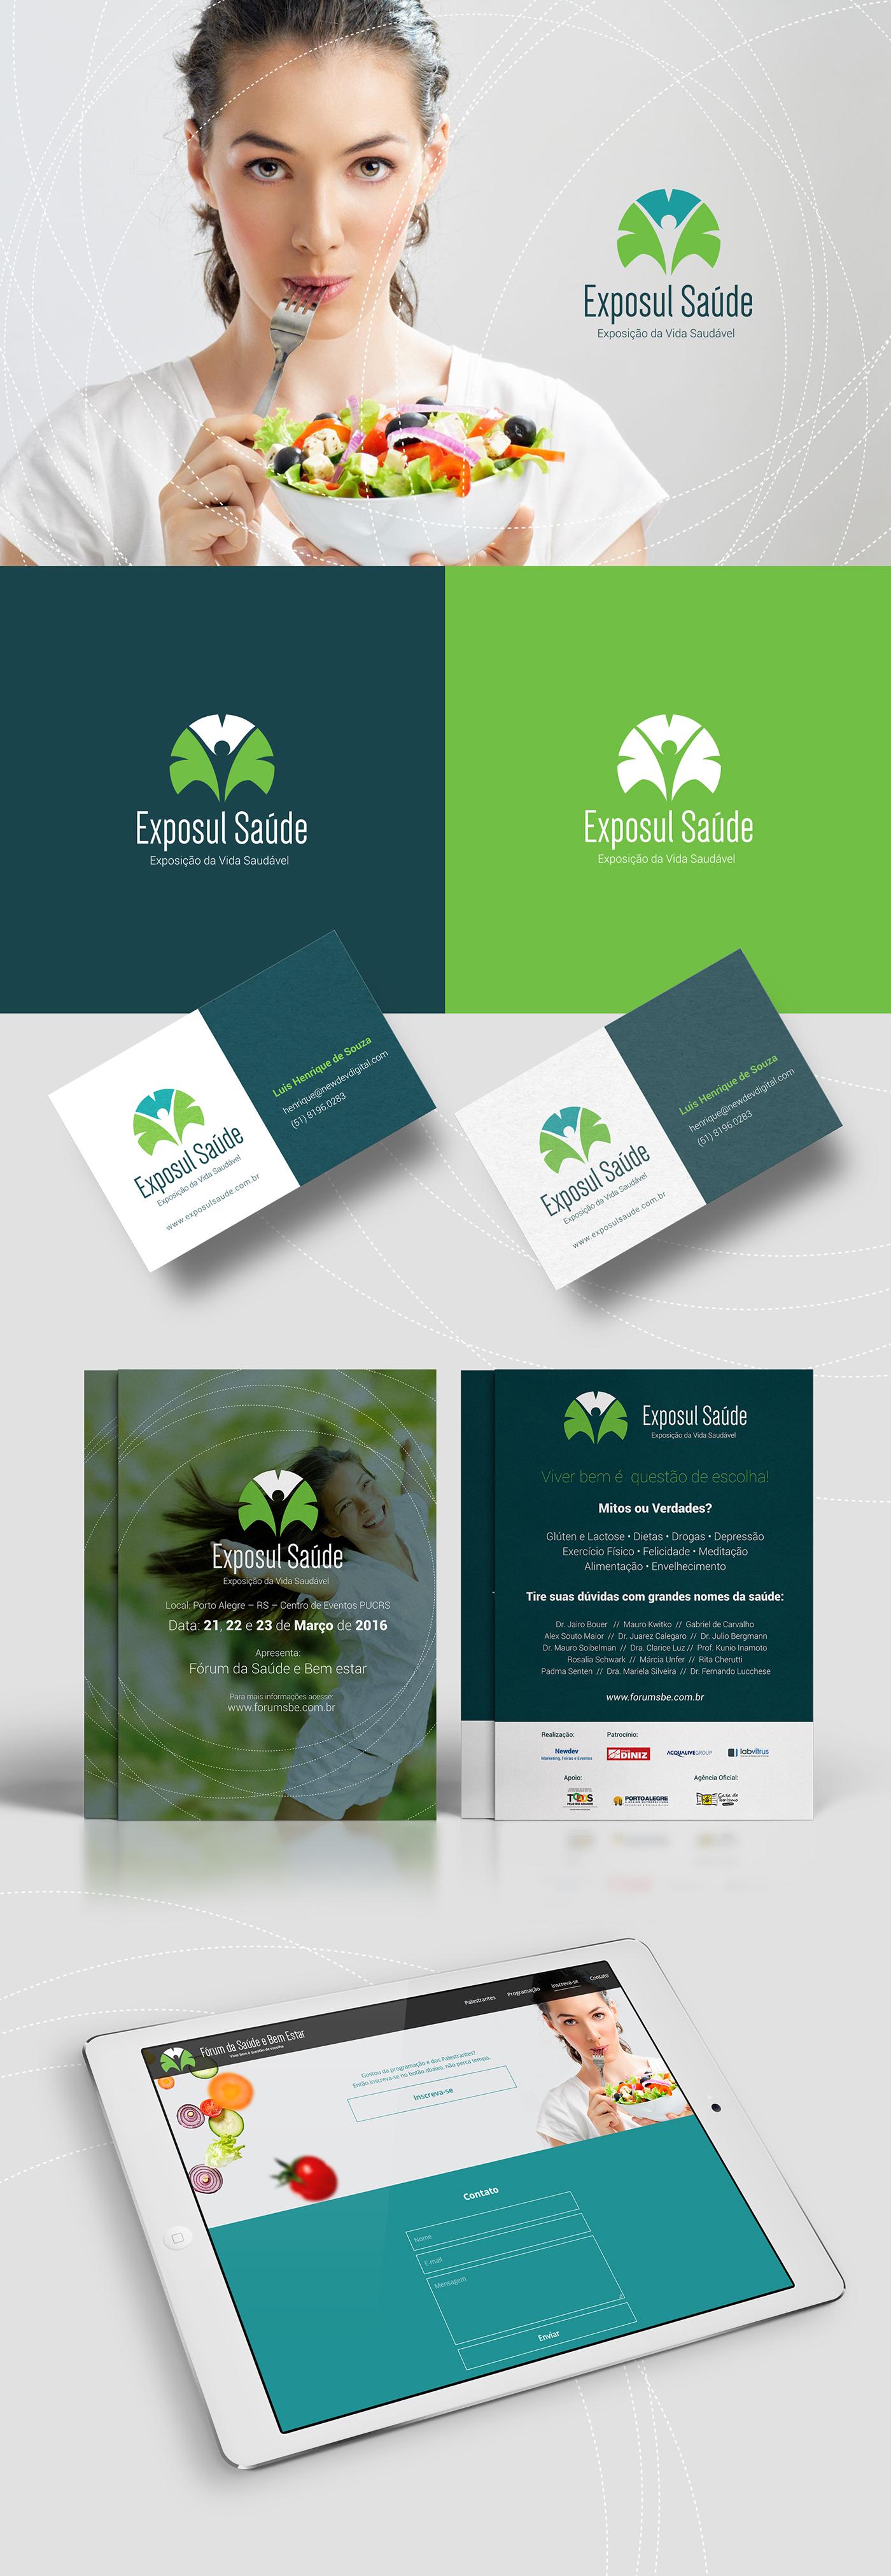 saúde helth forum bem estar Evento logo brand HotSite Interface